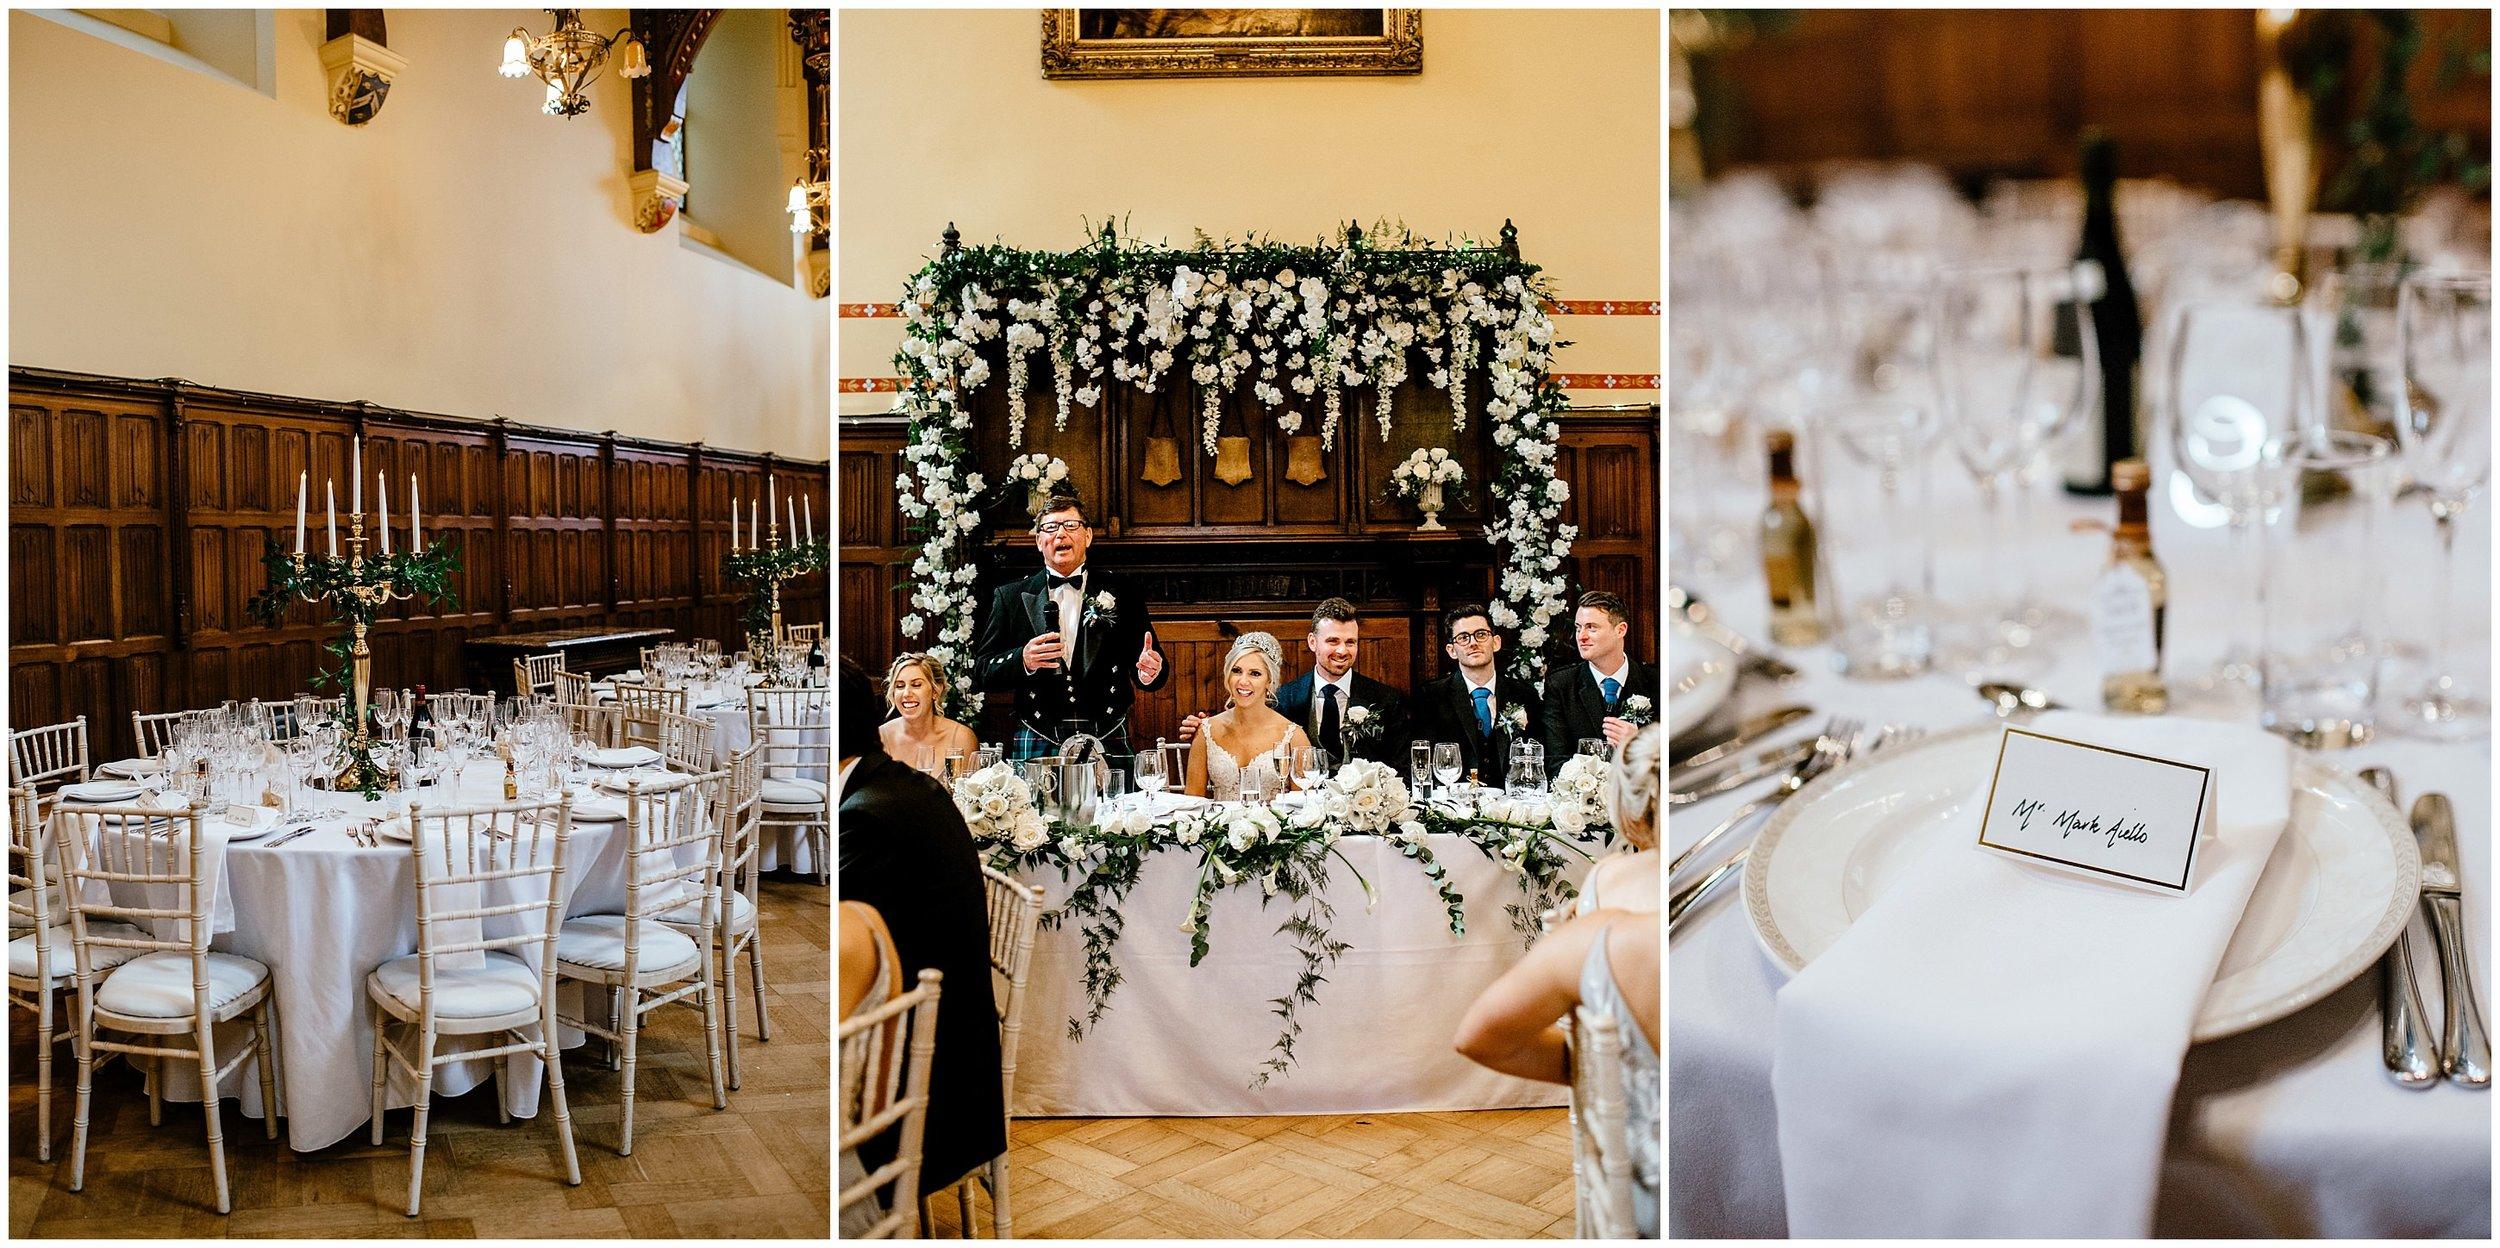 whimsical-Scottish-wedding-at-Ardross-Castle-4.jpg